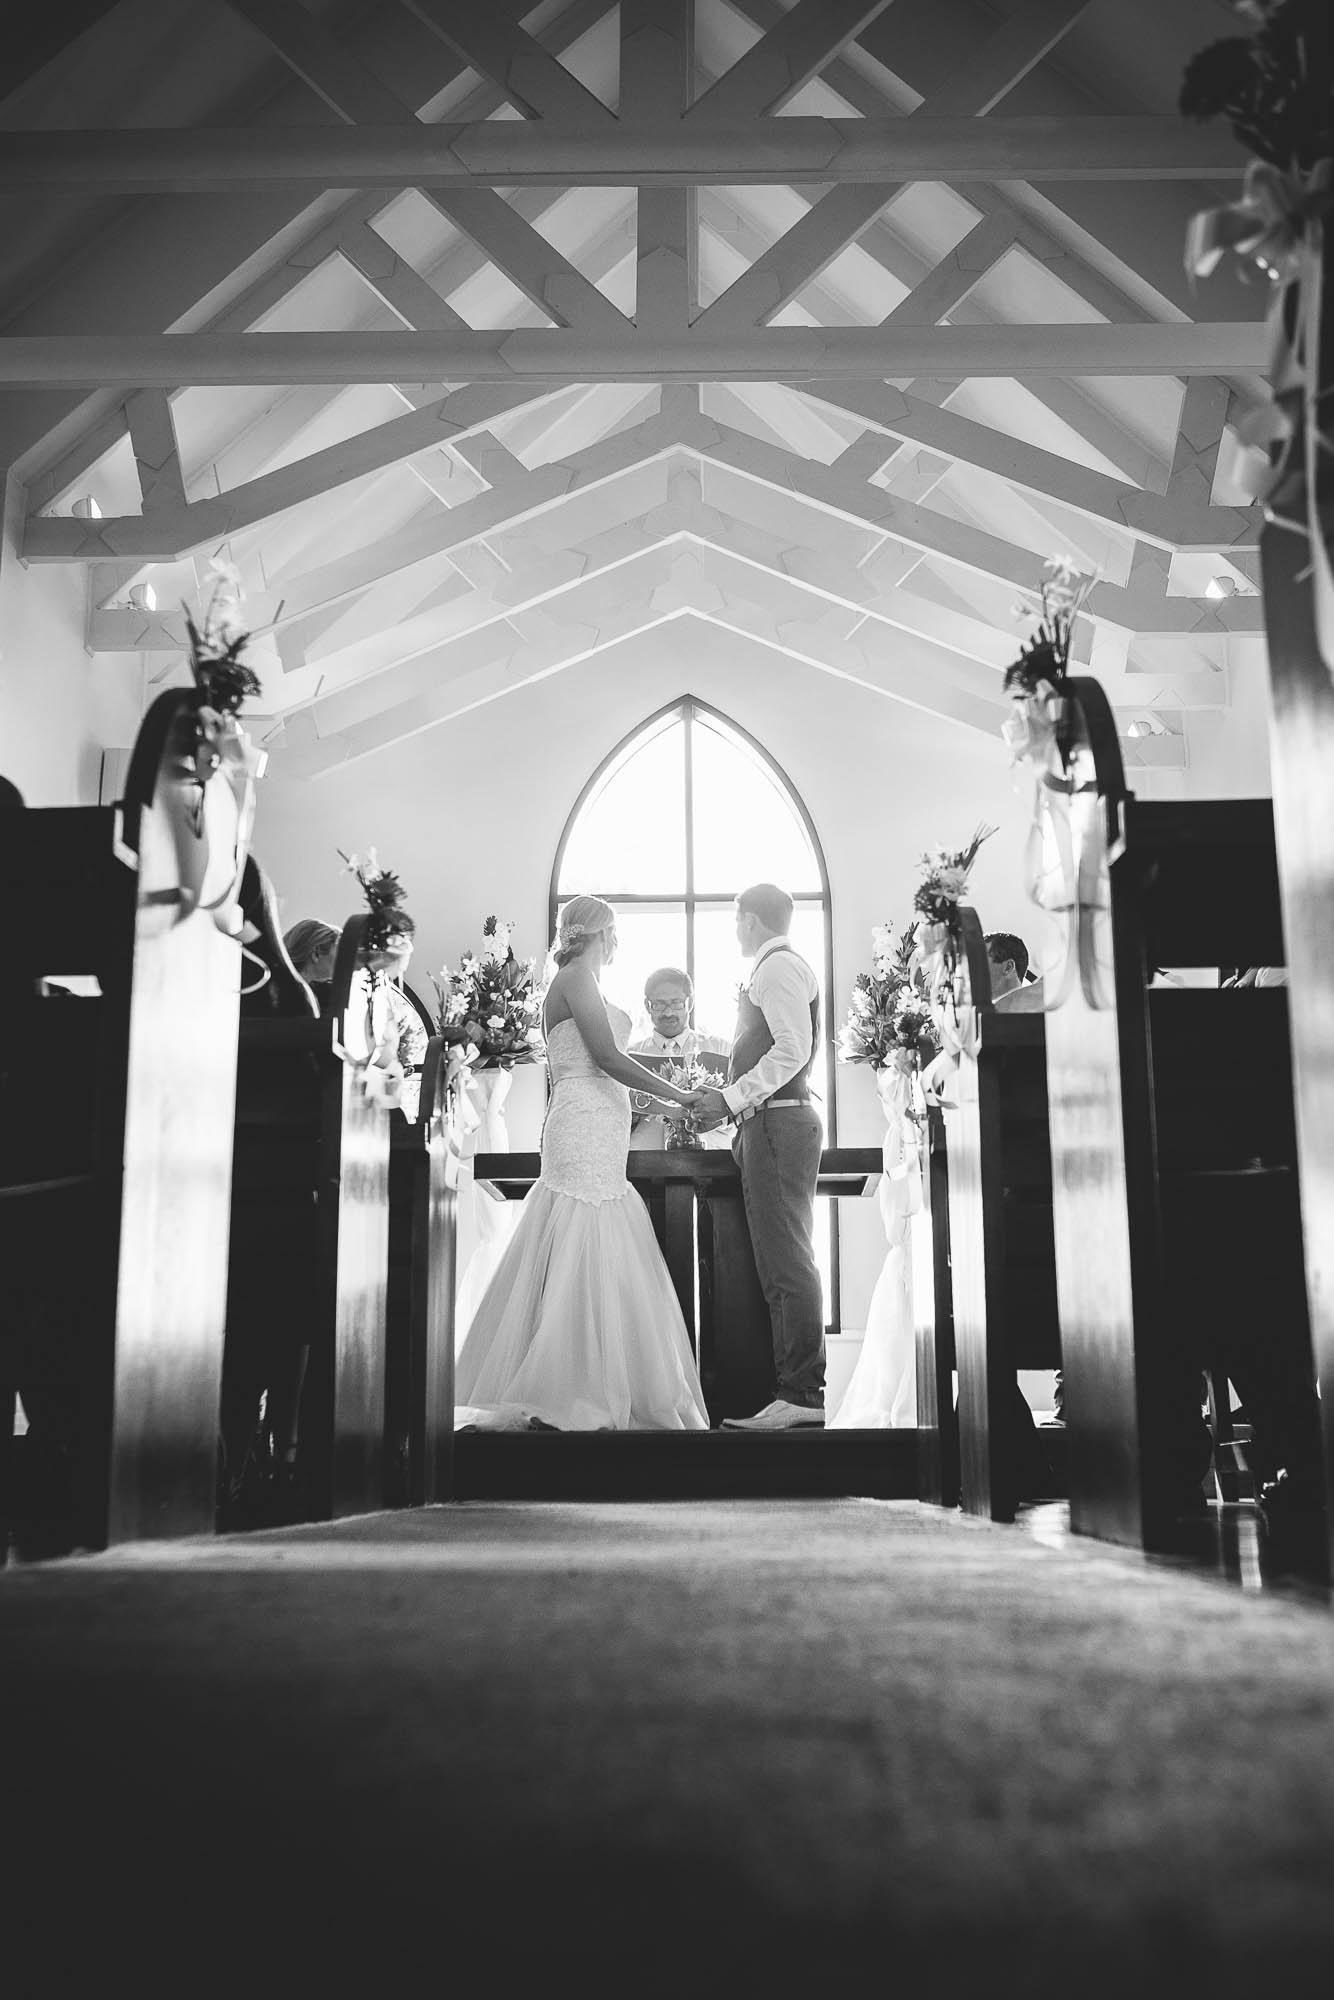 19-Annette-Andrew-Sofitel-Fiji-Wedding-26.jpg